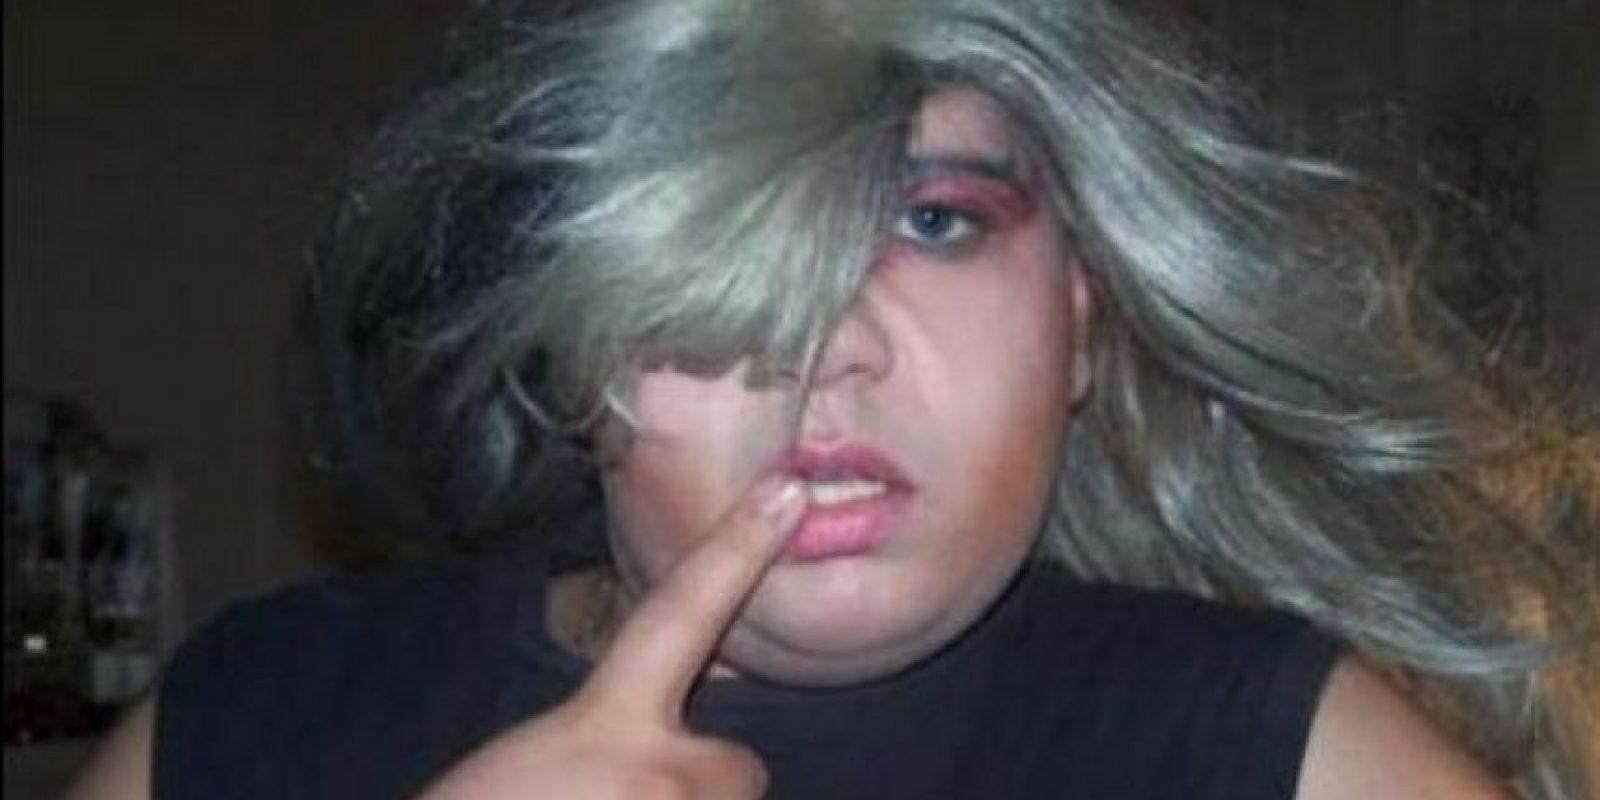 Los encargados de realizar el examen se dieron cuenta de que se trataba de un hombre vestido de mujer cuando este habló Foto:Tumblr.com/tagged/vestidos/mujer